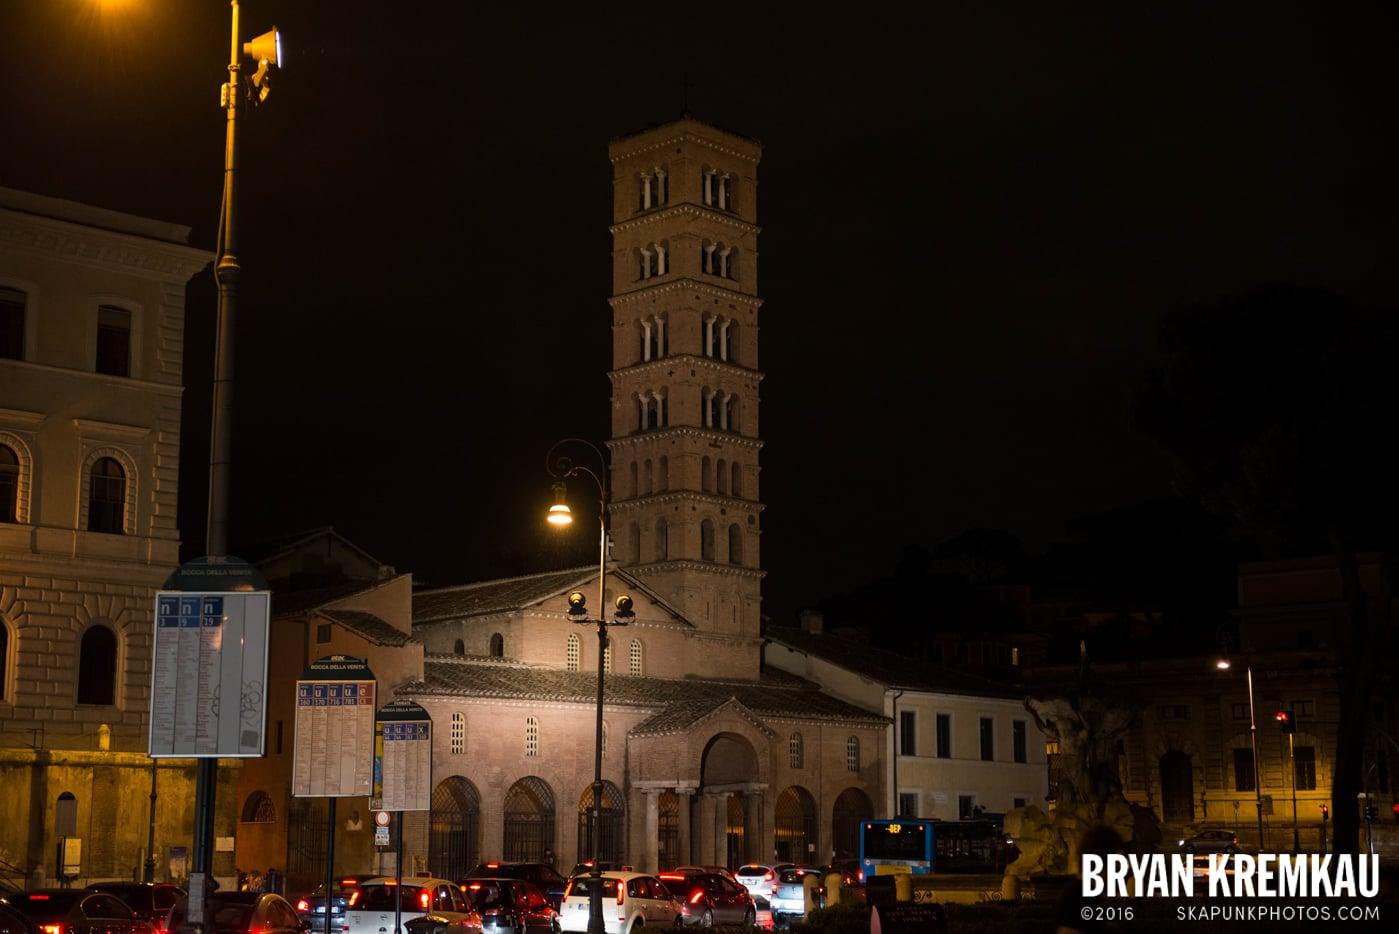 Italy Vacation - Day 2: Rome - 9.10.13 (18)